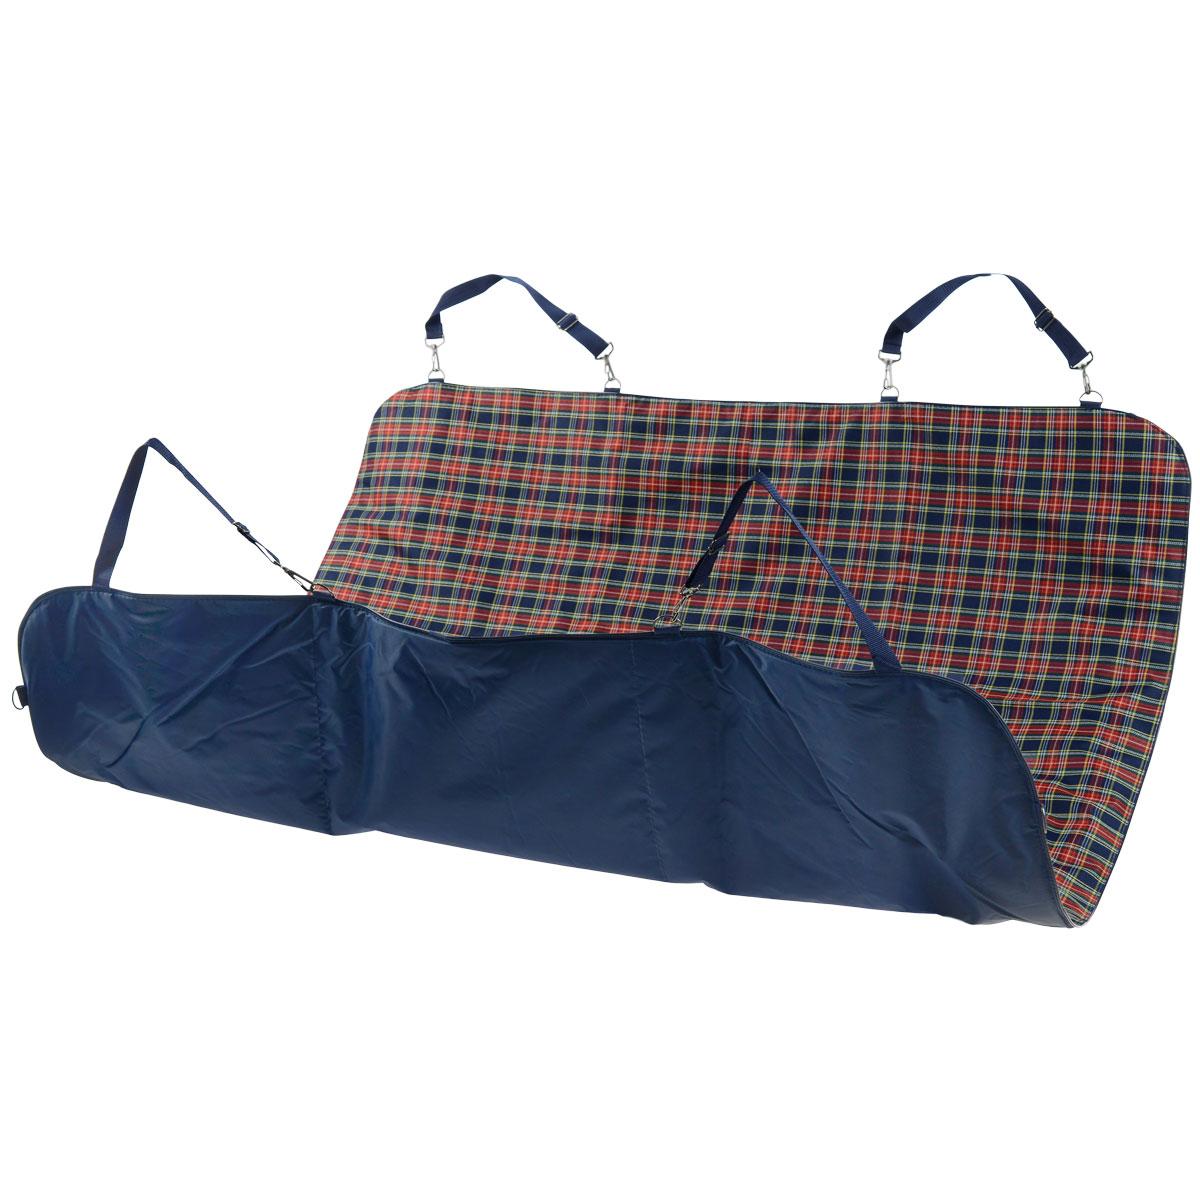 Автогамак для собак Titbit, цвет: синий, 142 см х 140 см0120710Автогамак для собак Titbit изготовлениз прочного водостойкого материала с утеплителем внутри. Легко монтируется при помощи ремней на заднем сидении автомобиля, защищая его от загрязнений. Незаменим при транспортировке животного на дачу, в ветклинику, после прогулок на природе, также может служить лежаком или пледом.Подходит для любых типов автомобилей. Размер коврика: 142 см х 140 см.